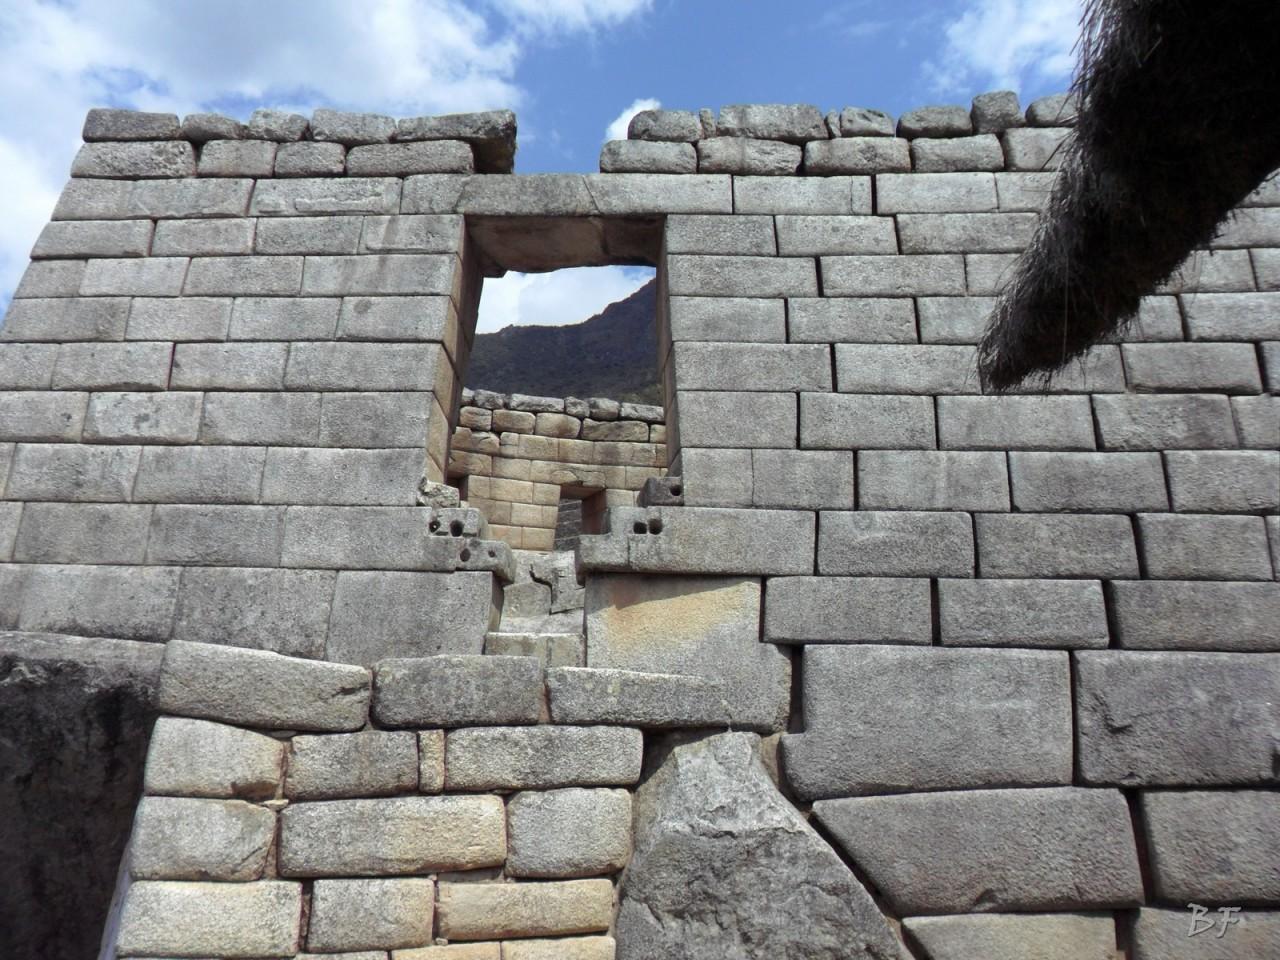 Mura-Poligonali-Incisioni-Altari-Edifici-Rupestri-Megaliti-Machu-Picchu-Aguas-Calientes-Urubamba-Cusco-Perù-154